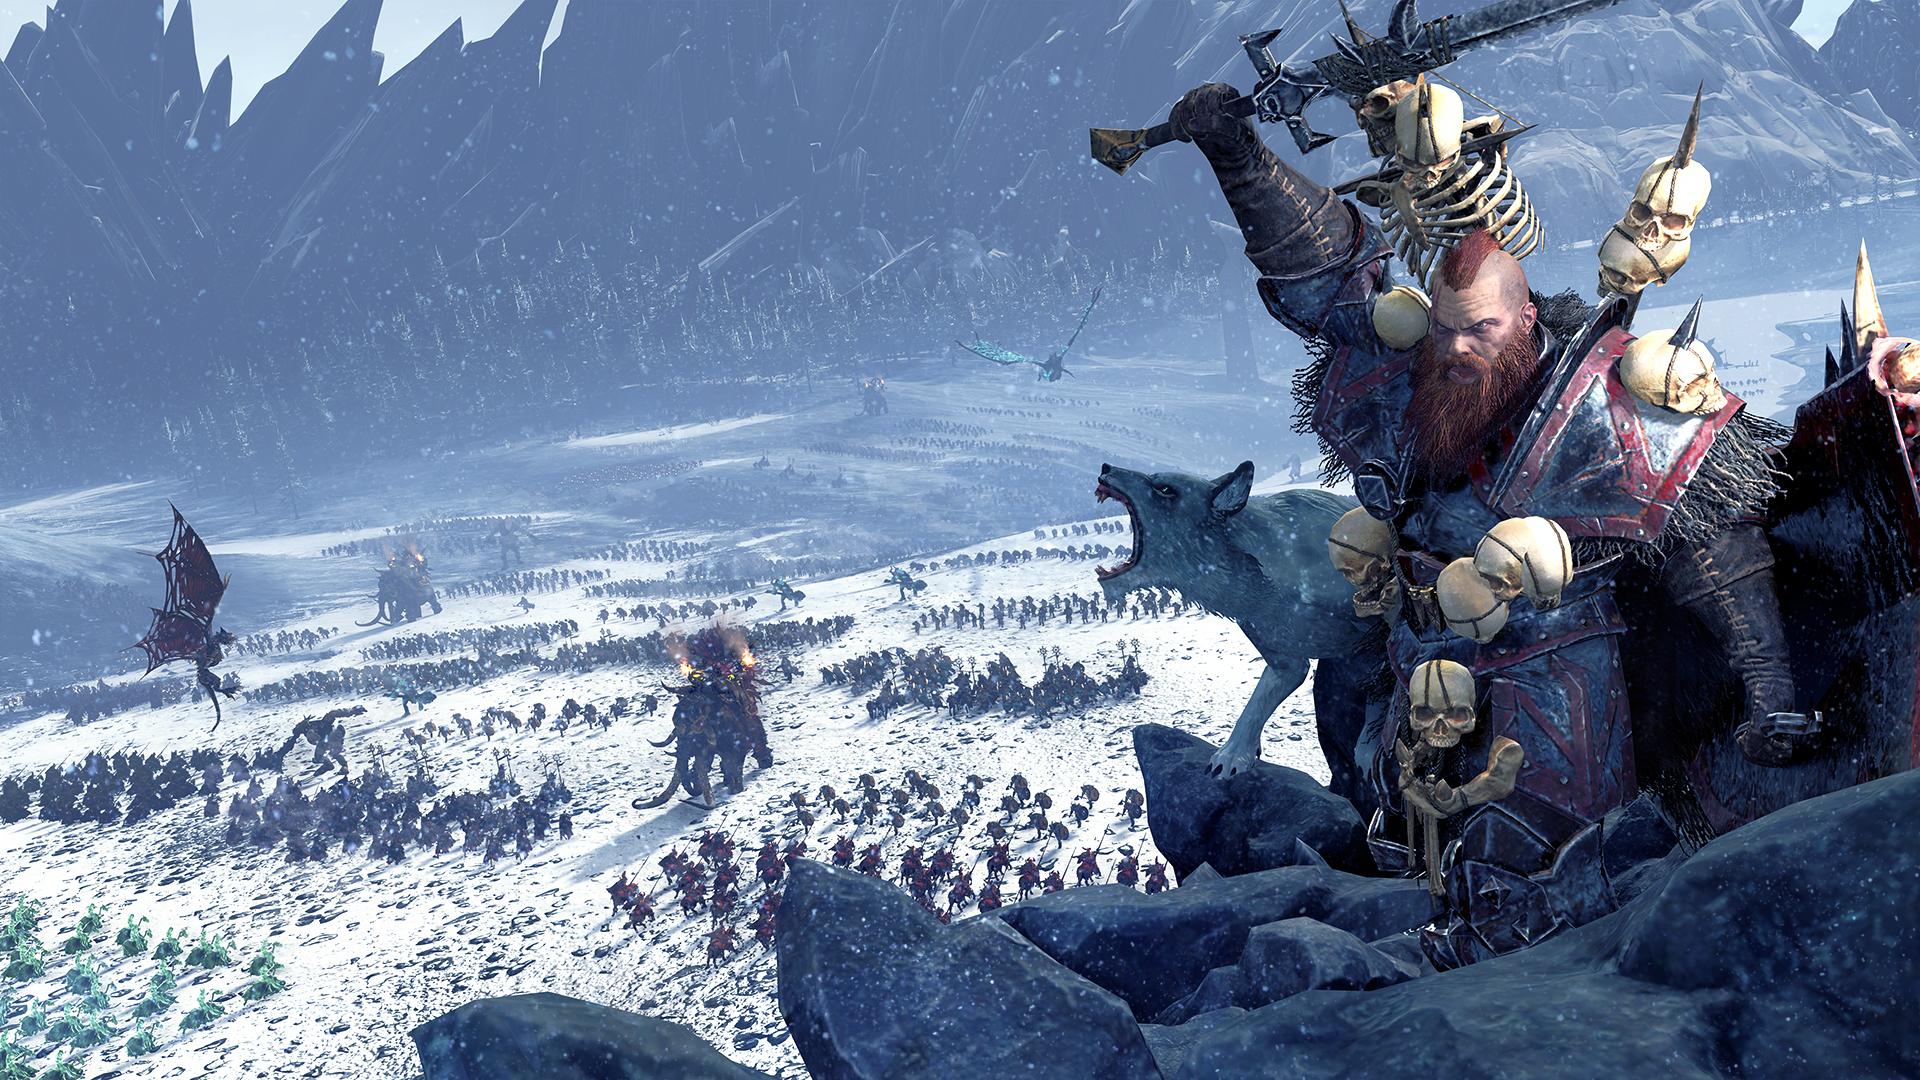 Total War Warhammer Wallpaper: Total War: Warhammer HD Wallpaper